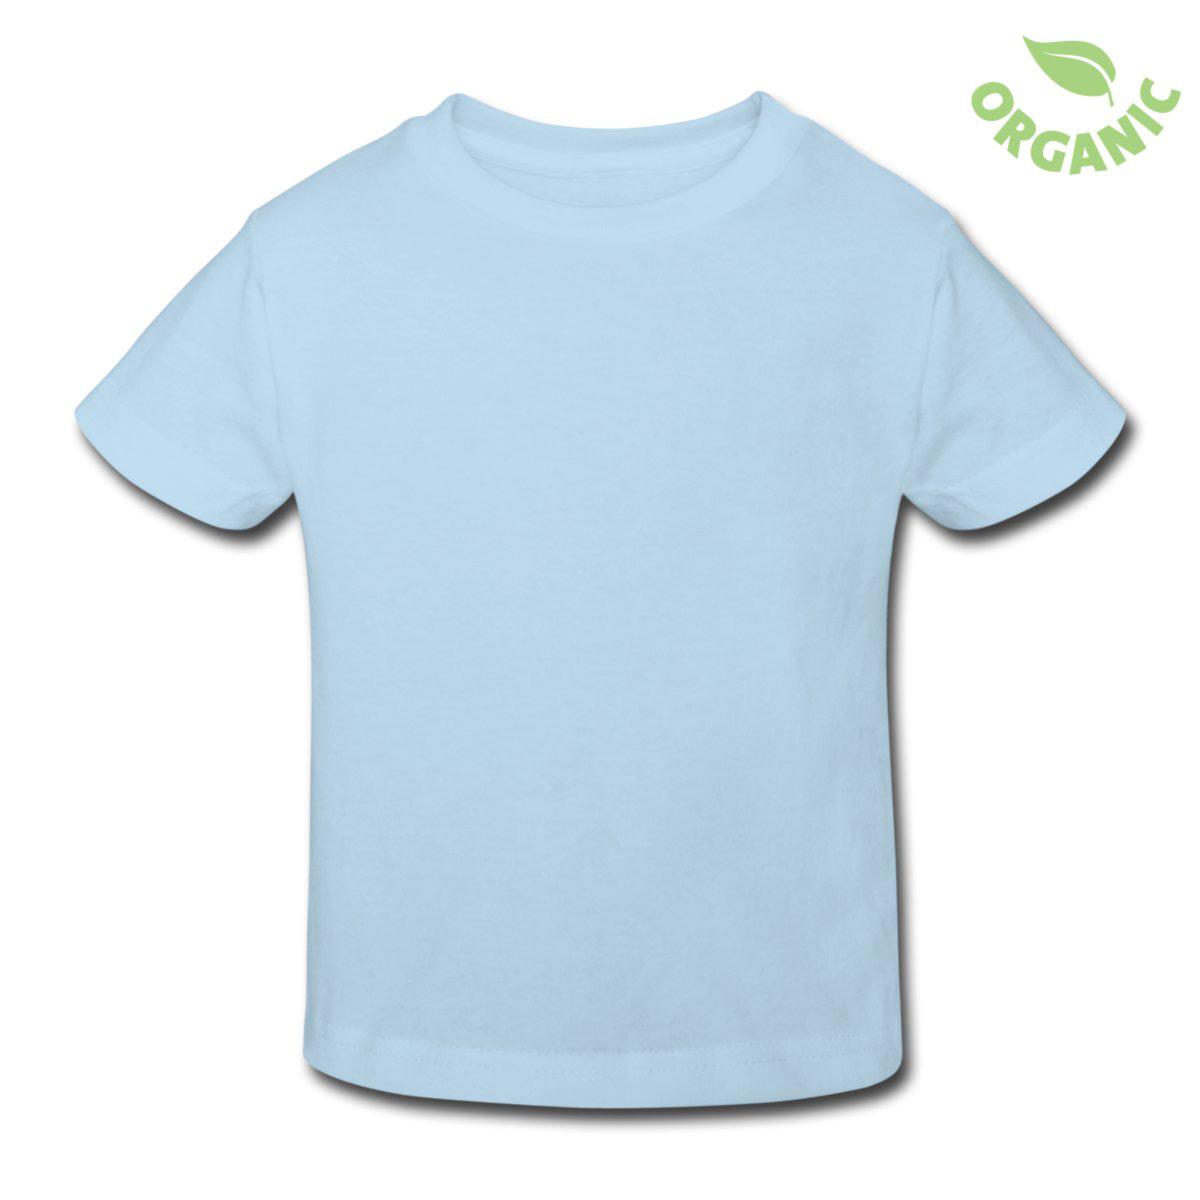 kinder bio t shirt bedrucken bio shirt f r kinder. Black Bedroom Furniture Sets. Home Design Ideas